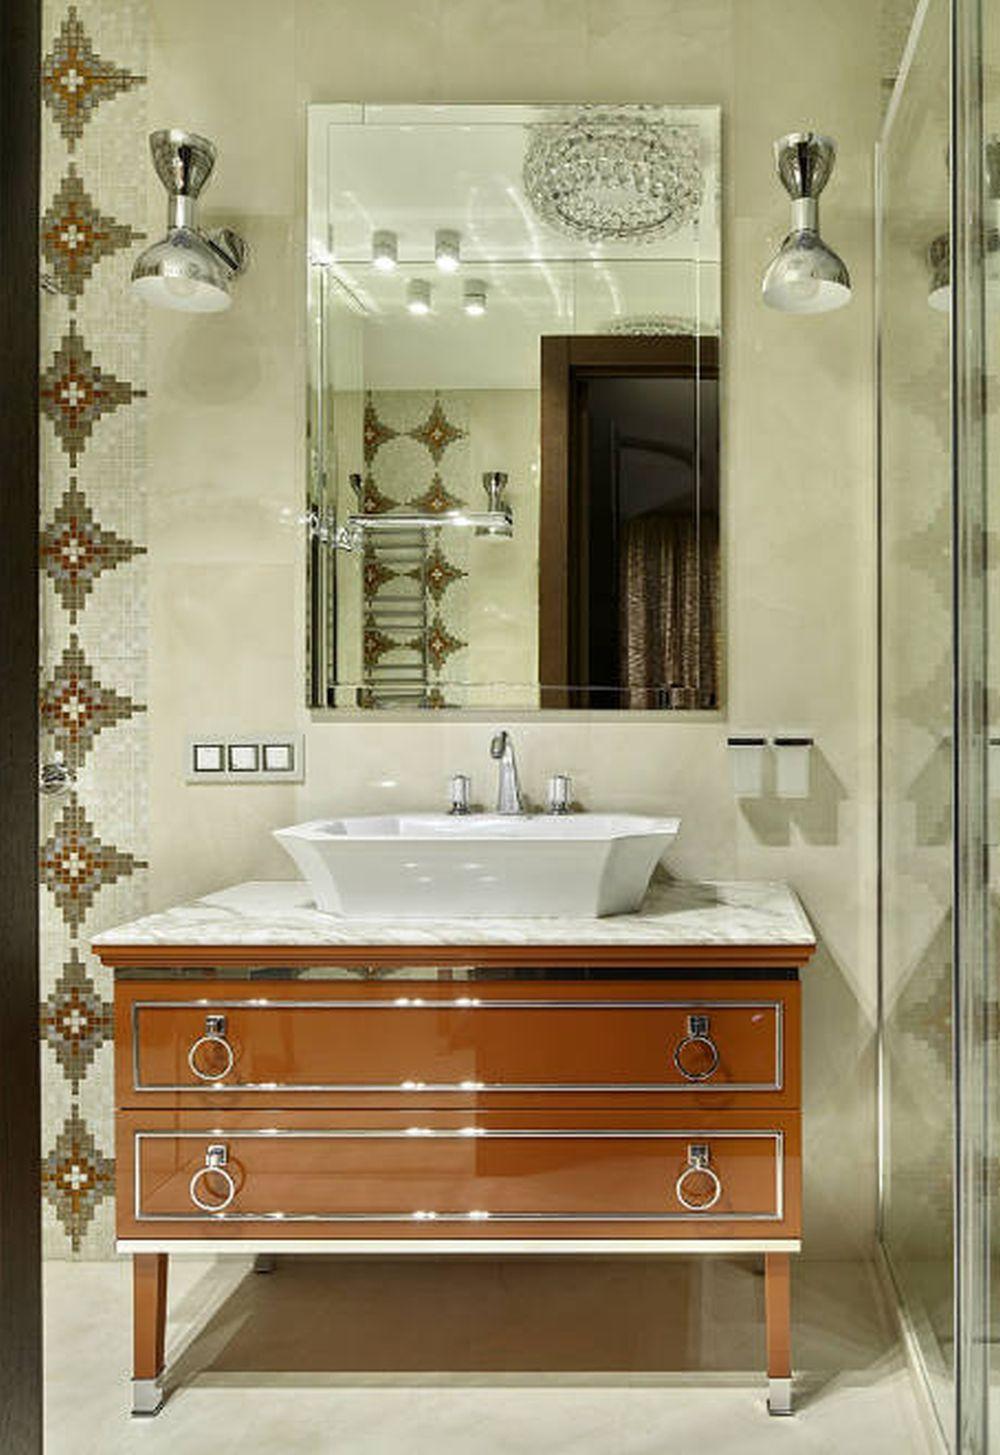 adelaparvu.com despre apartament elegant de 4 camere, Moscova, Designer Veronica Sudnikova, Foto Sergey Ananyev (3)